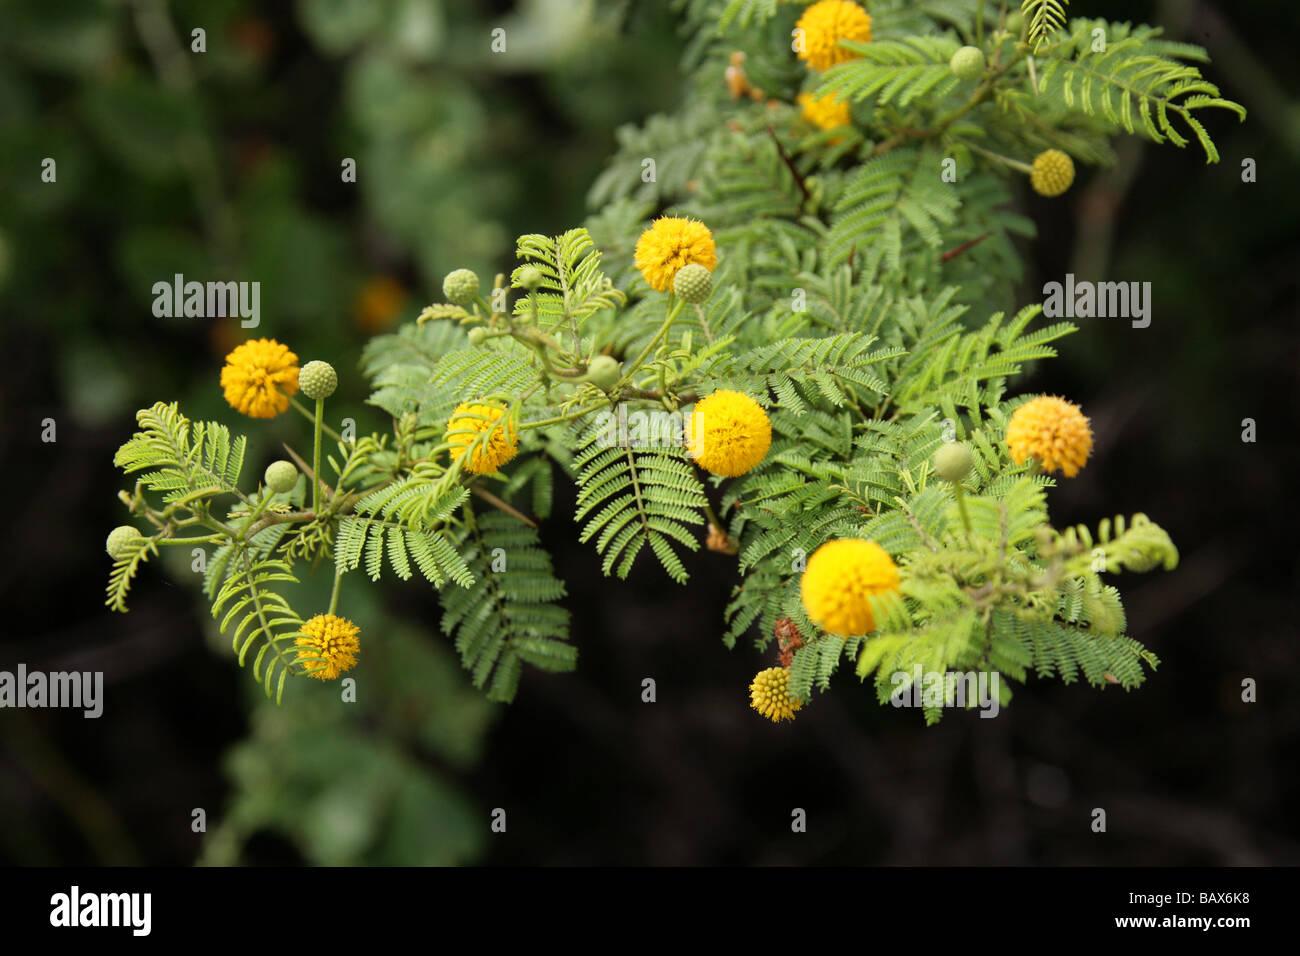 Le Galapagos Acacia, Acacia, rorudiana Fabaceae, Santa Cruz, Isole Galapagos, Ecuador, Sud America Immagini Stock